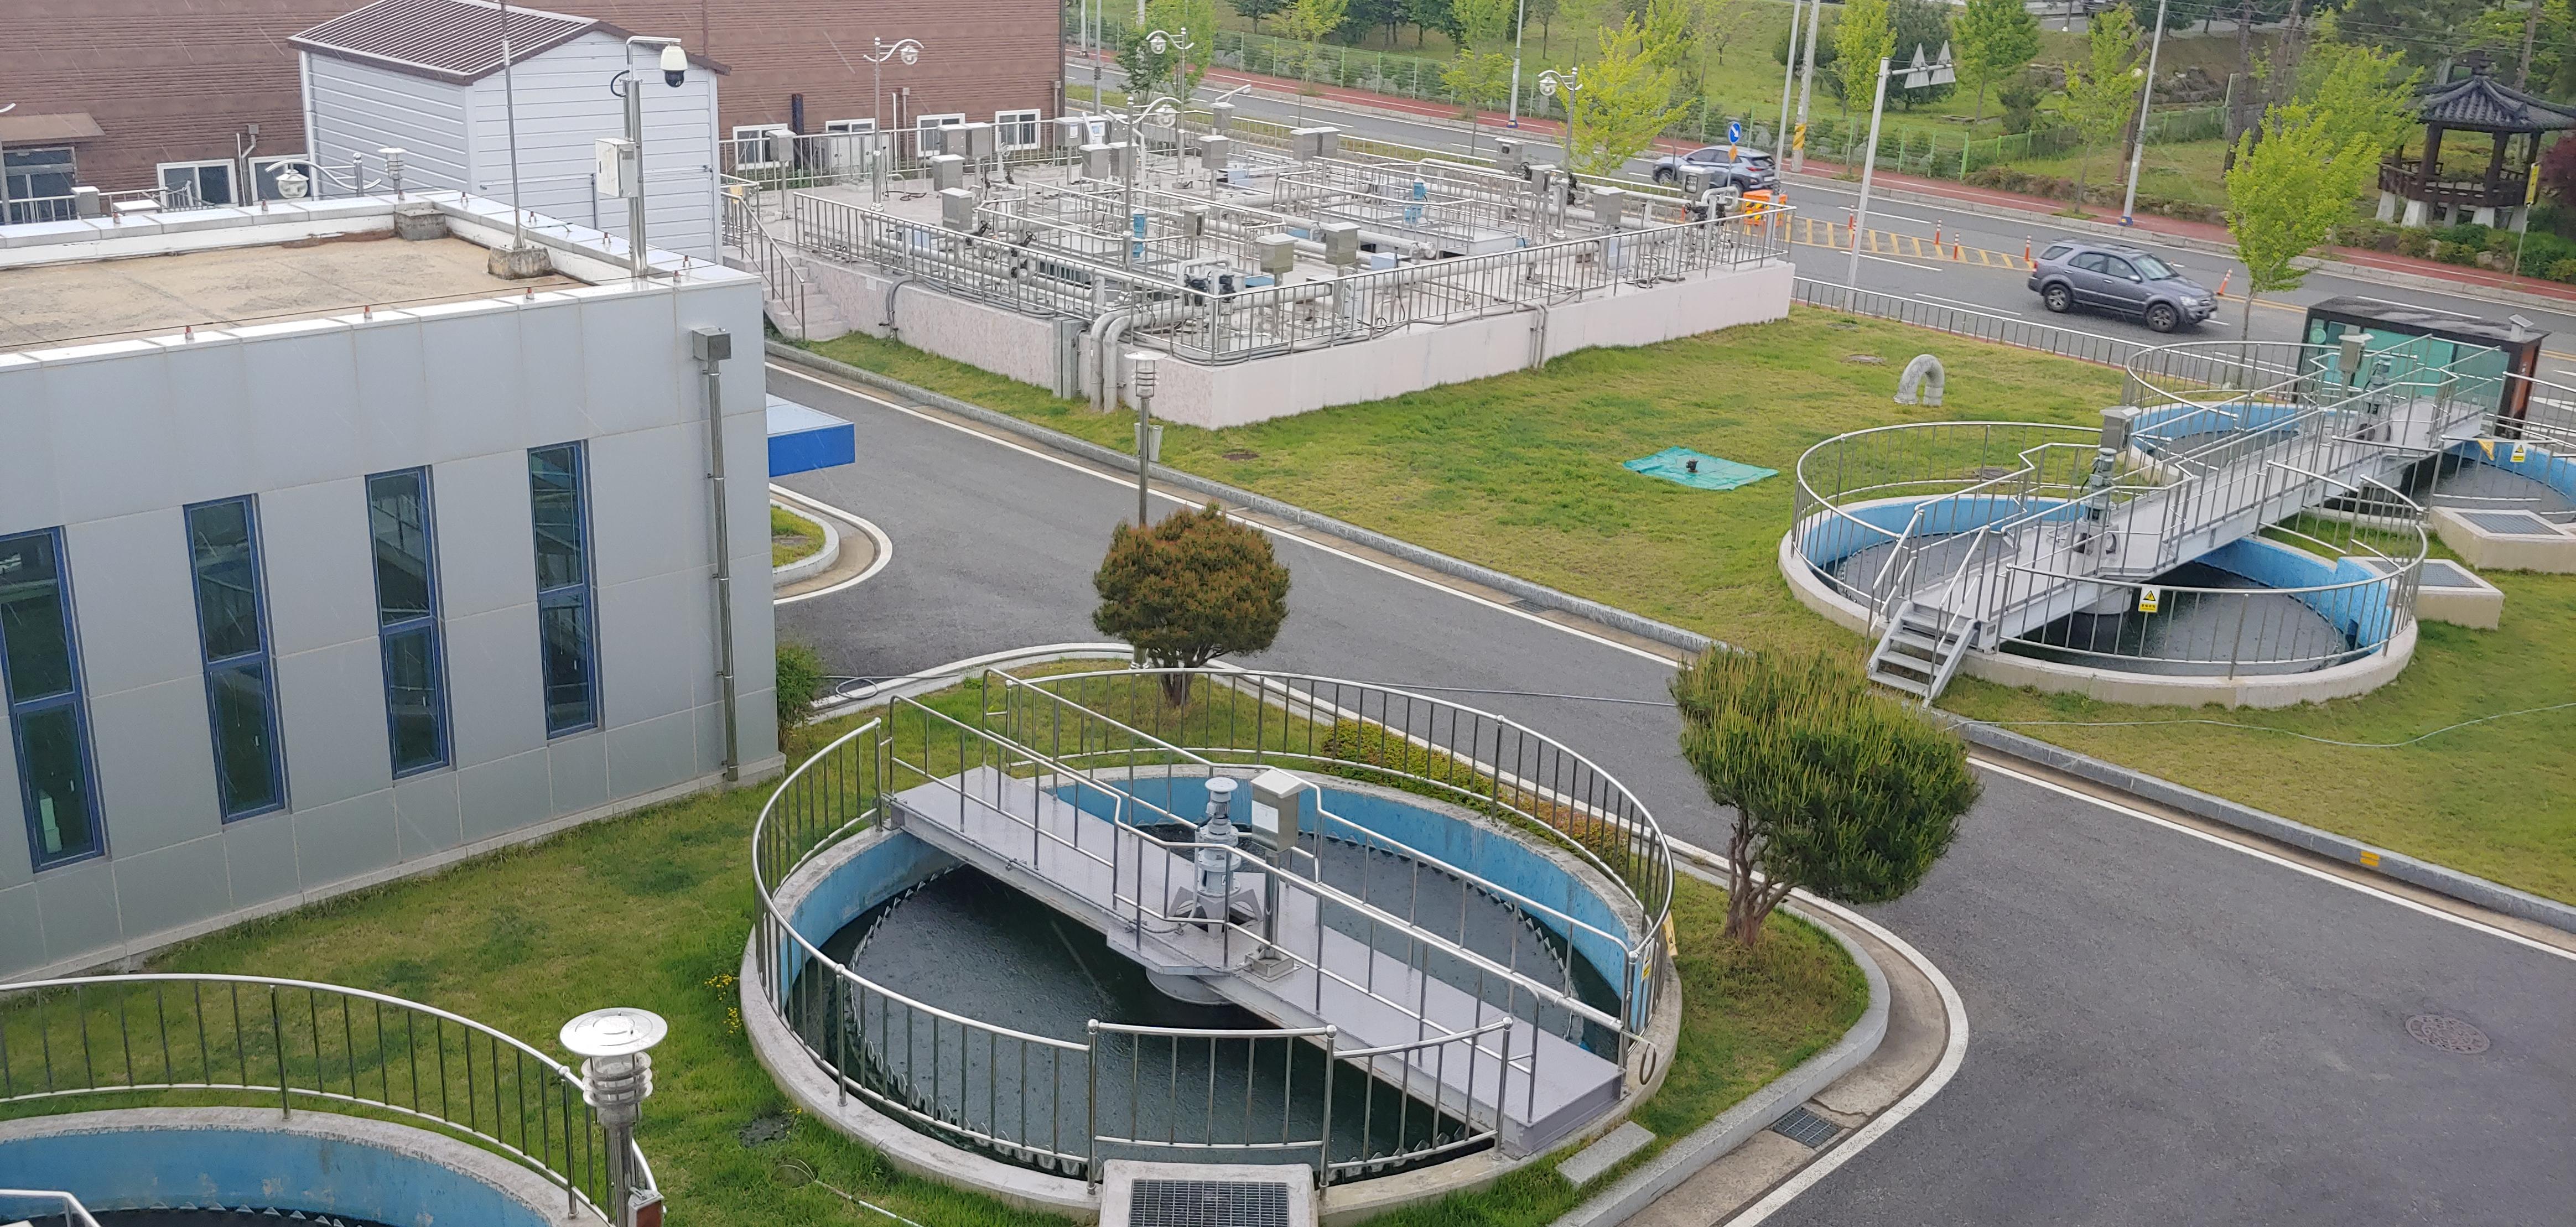 경북도, 영세 폐수배출사업장 시설개선 최대 3000만원 지원